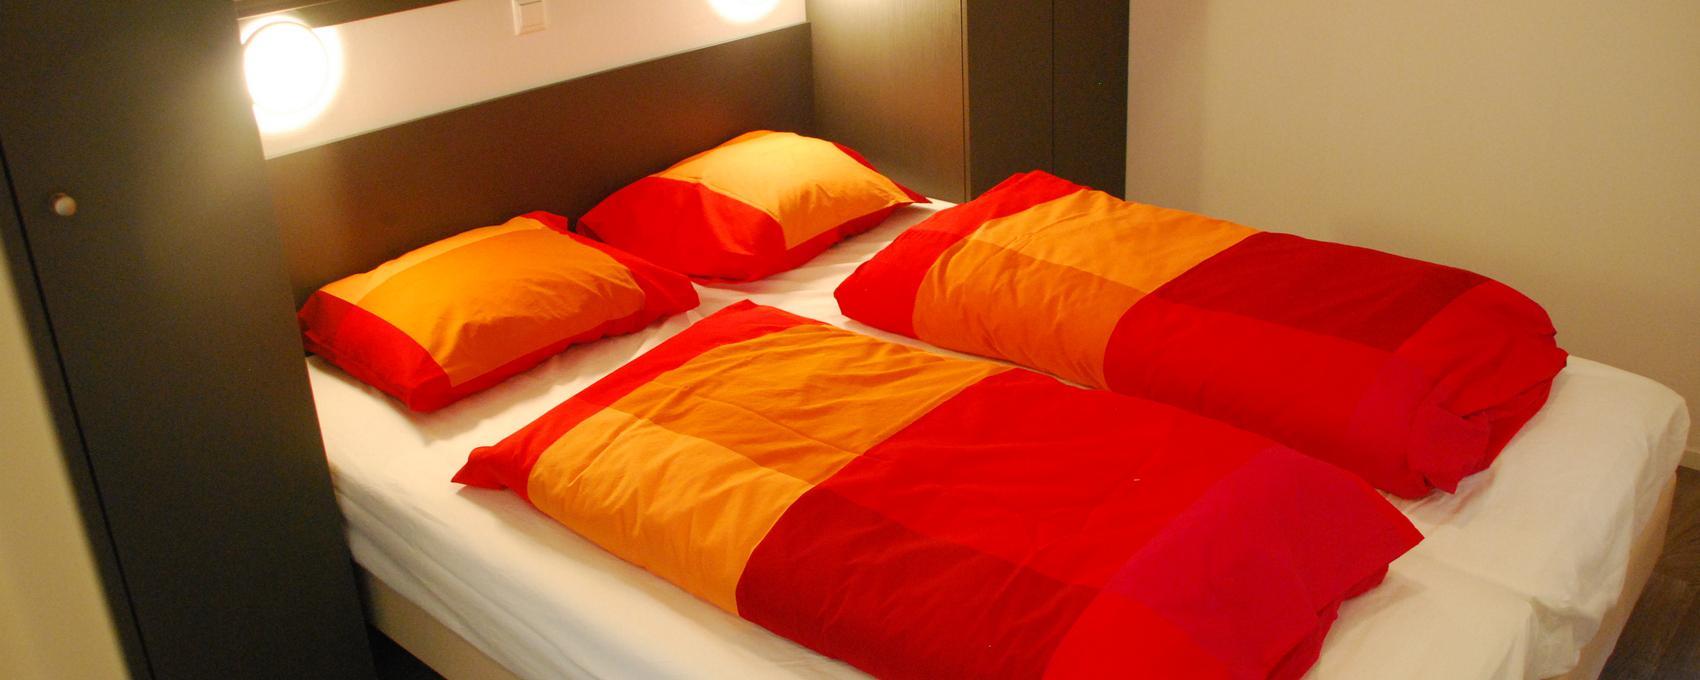 Chalet met meerdere slaapkamers.